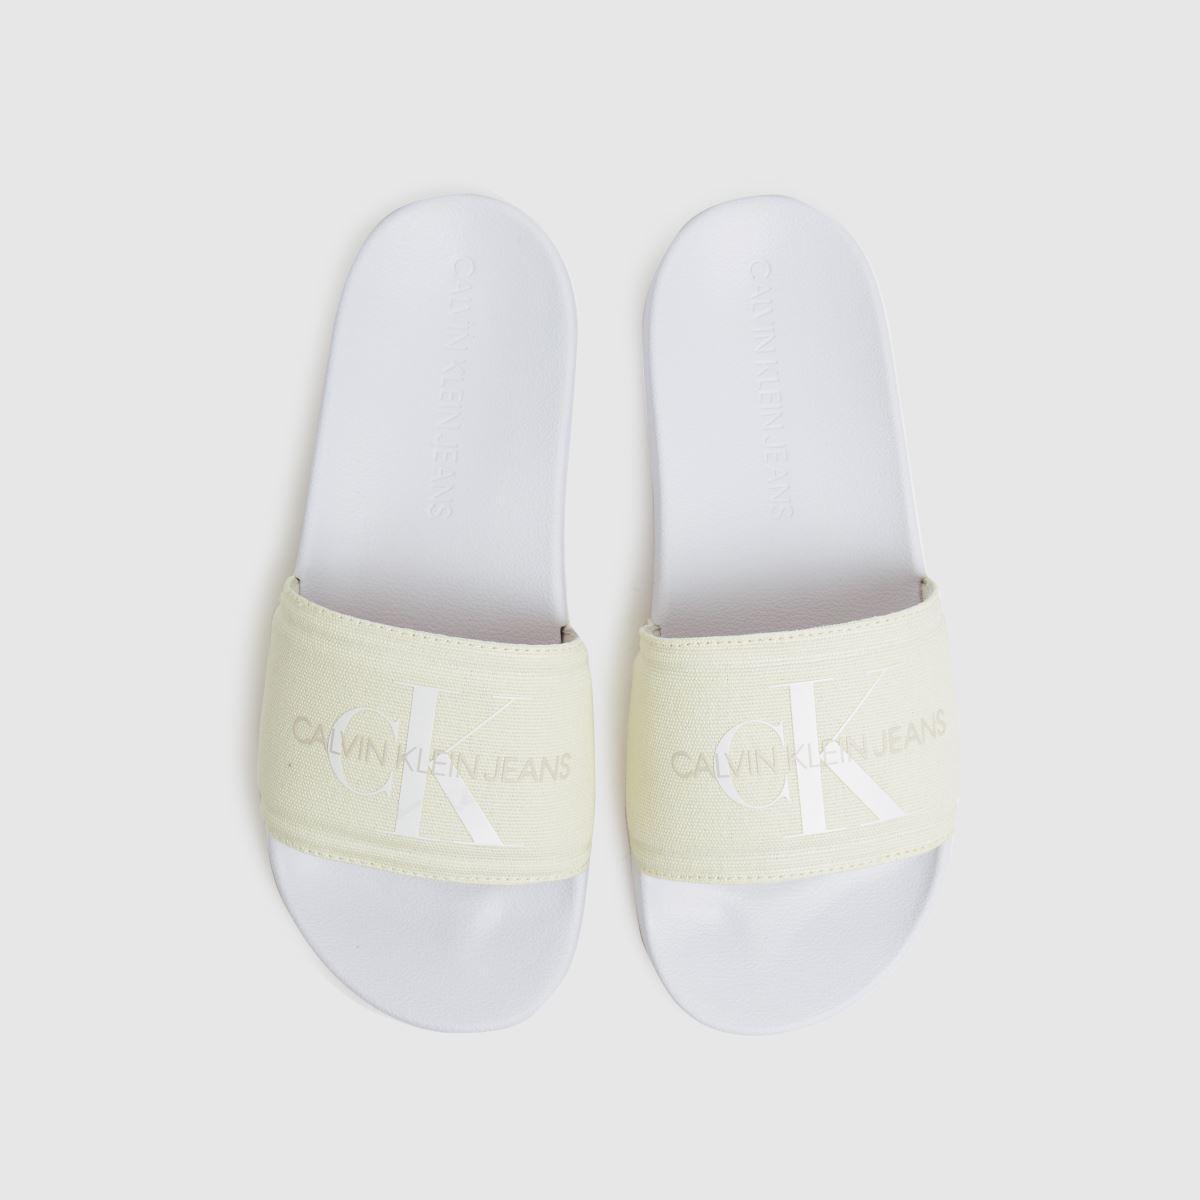 CALVIN KLEIN White & Beige Chantal Heavy Canvas Slide Sandals